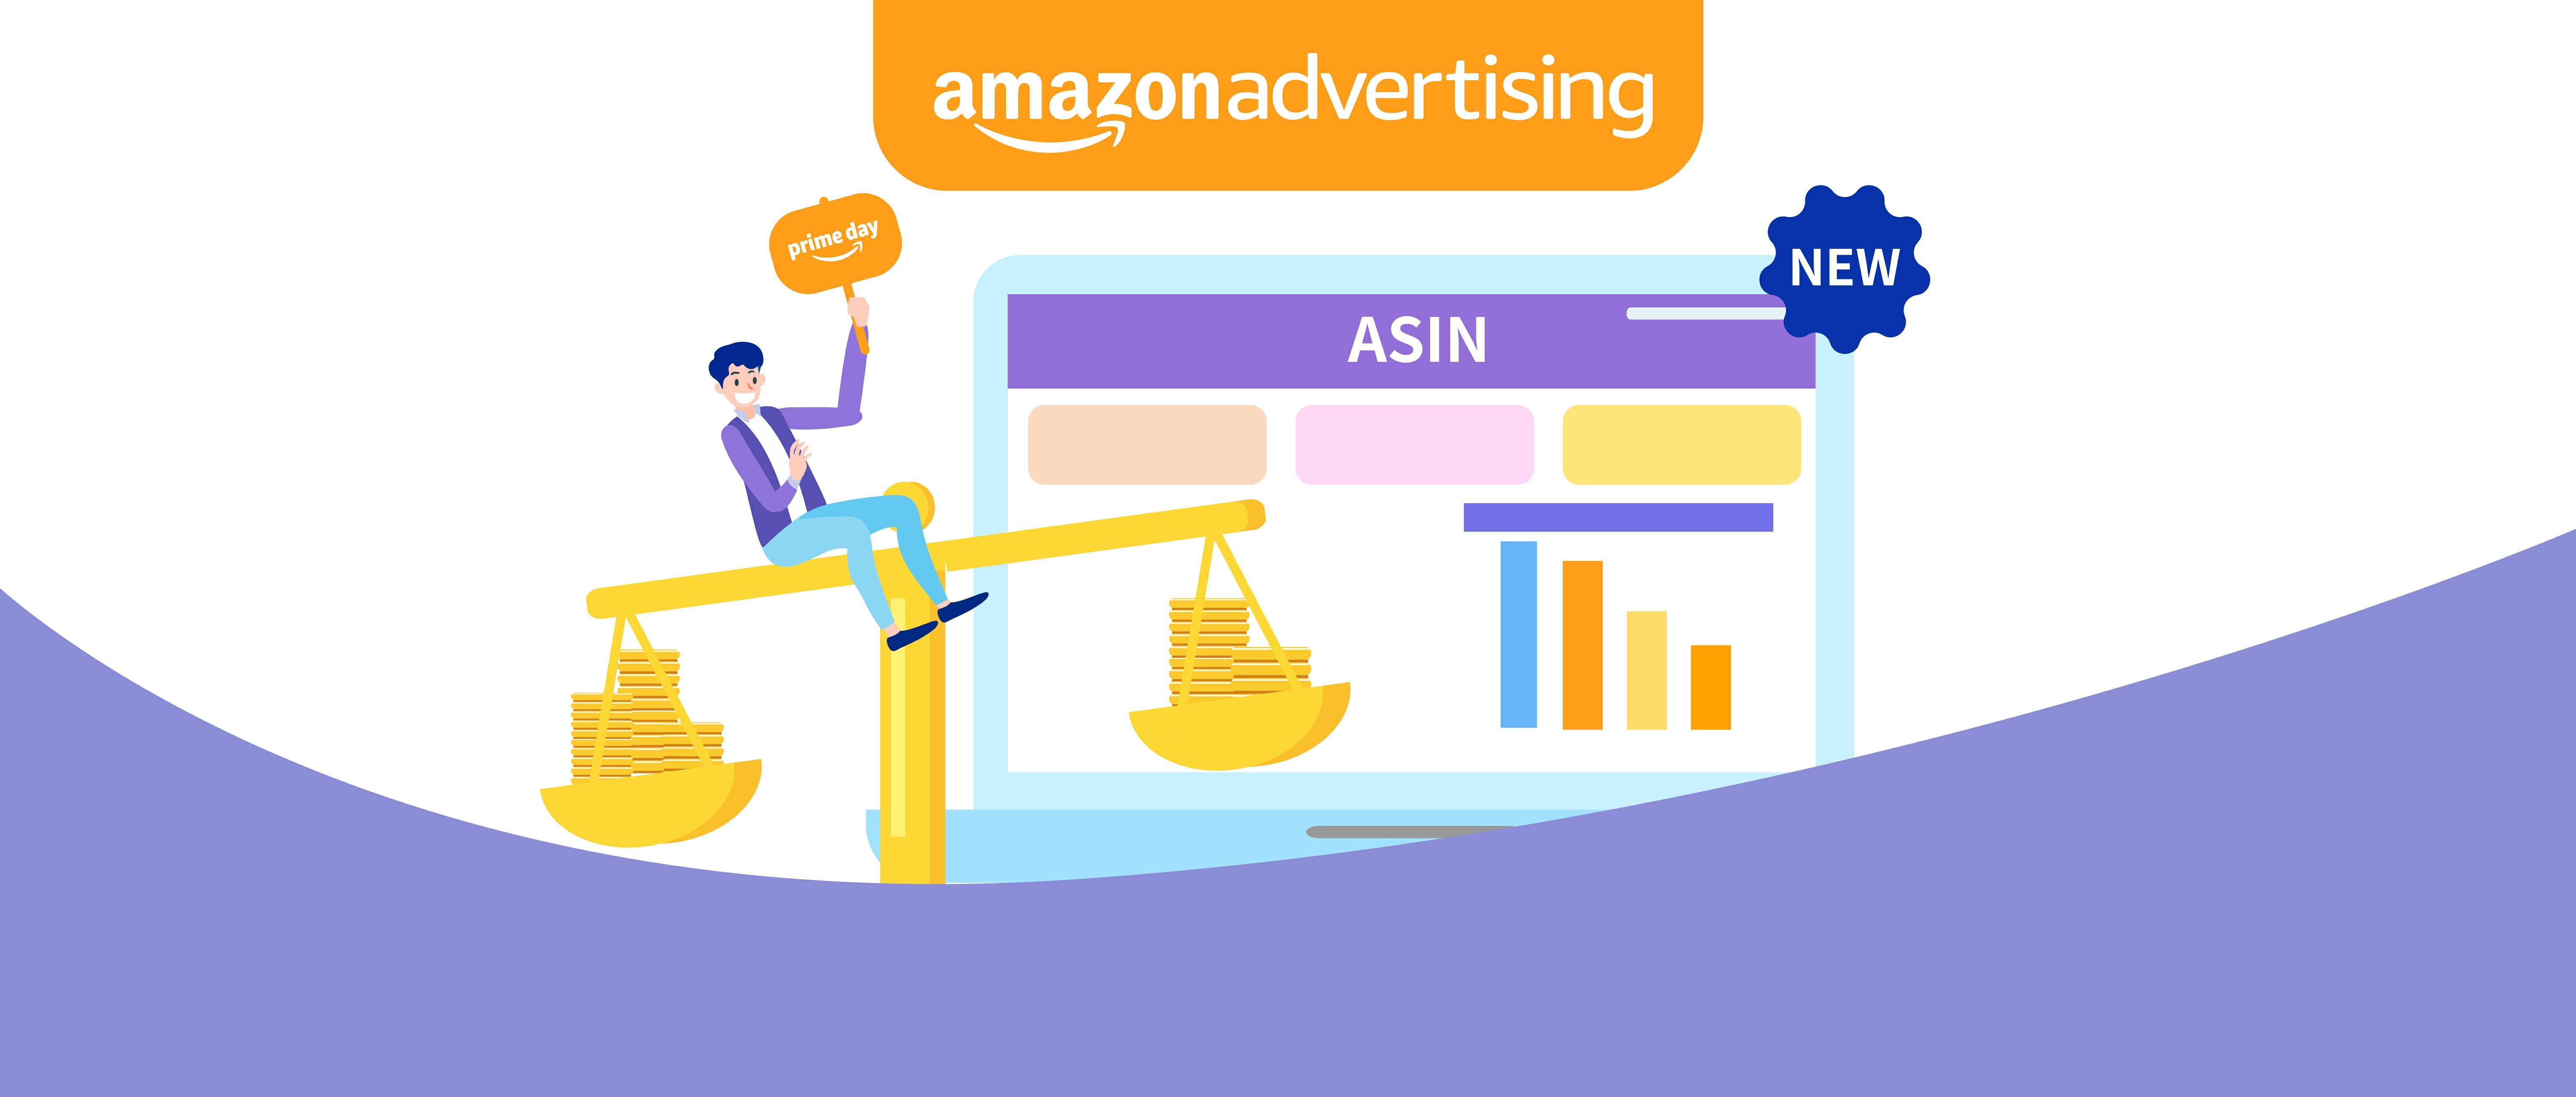 让你的ASIN 强势曝光的竞价策略指南